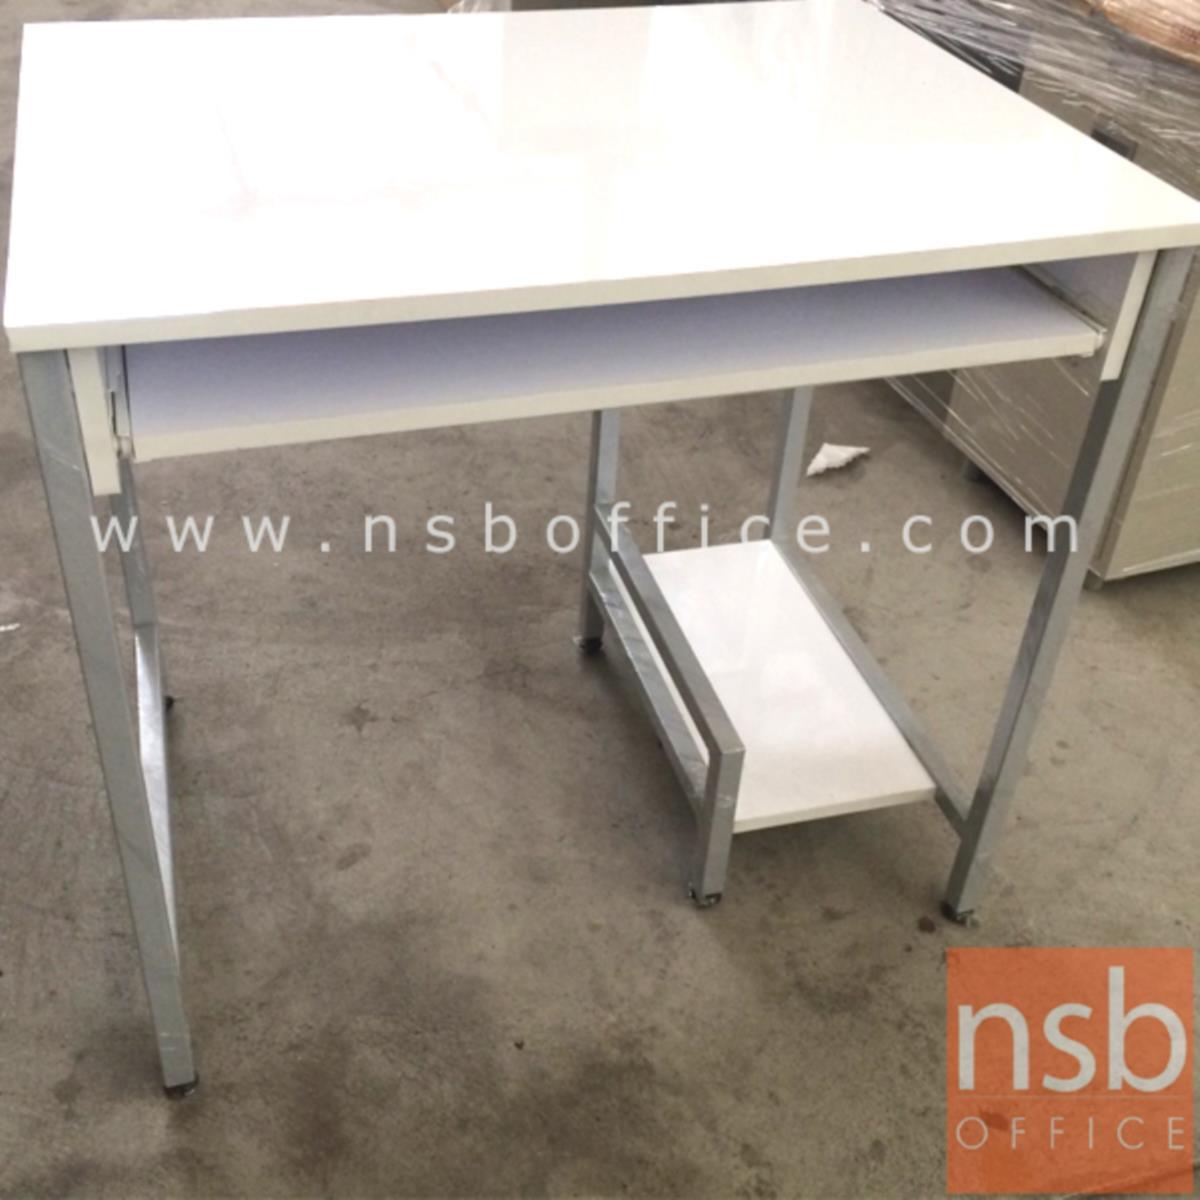 A12A065:โต๊ะคอมพิวเตอร์  รุ่น RH80 ขนาด 80W cm. พร้อมรางคีย์บอร์ดและที่วางซีพียู ขาเหล็ก